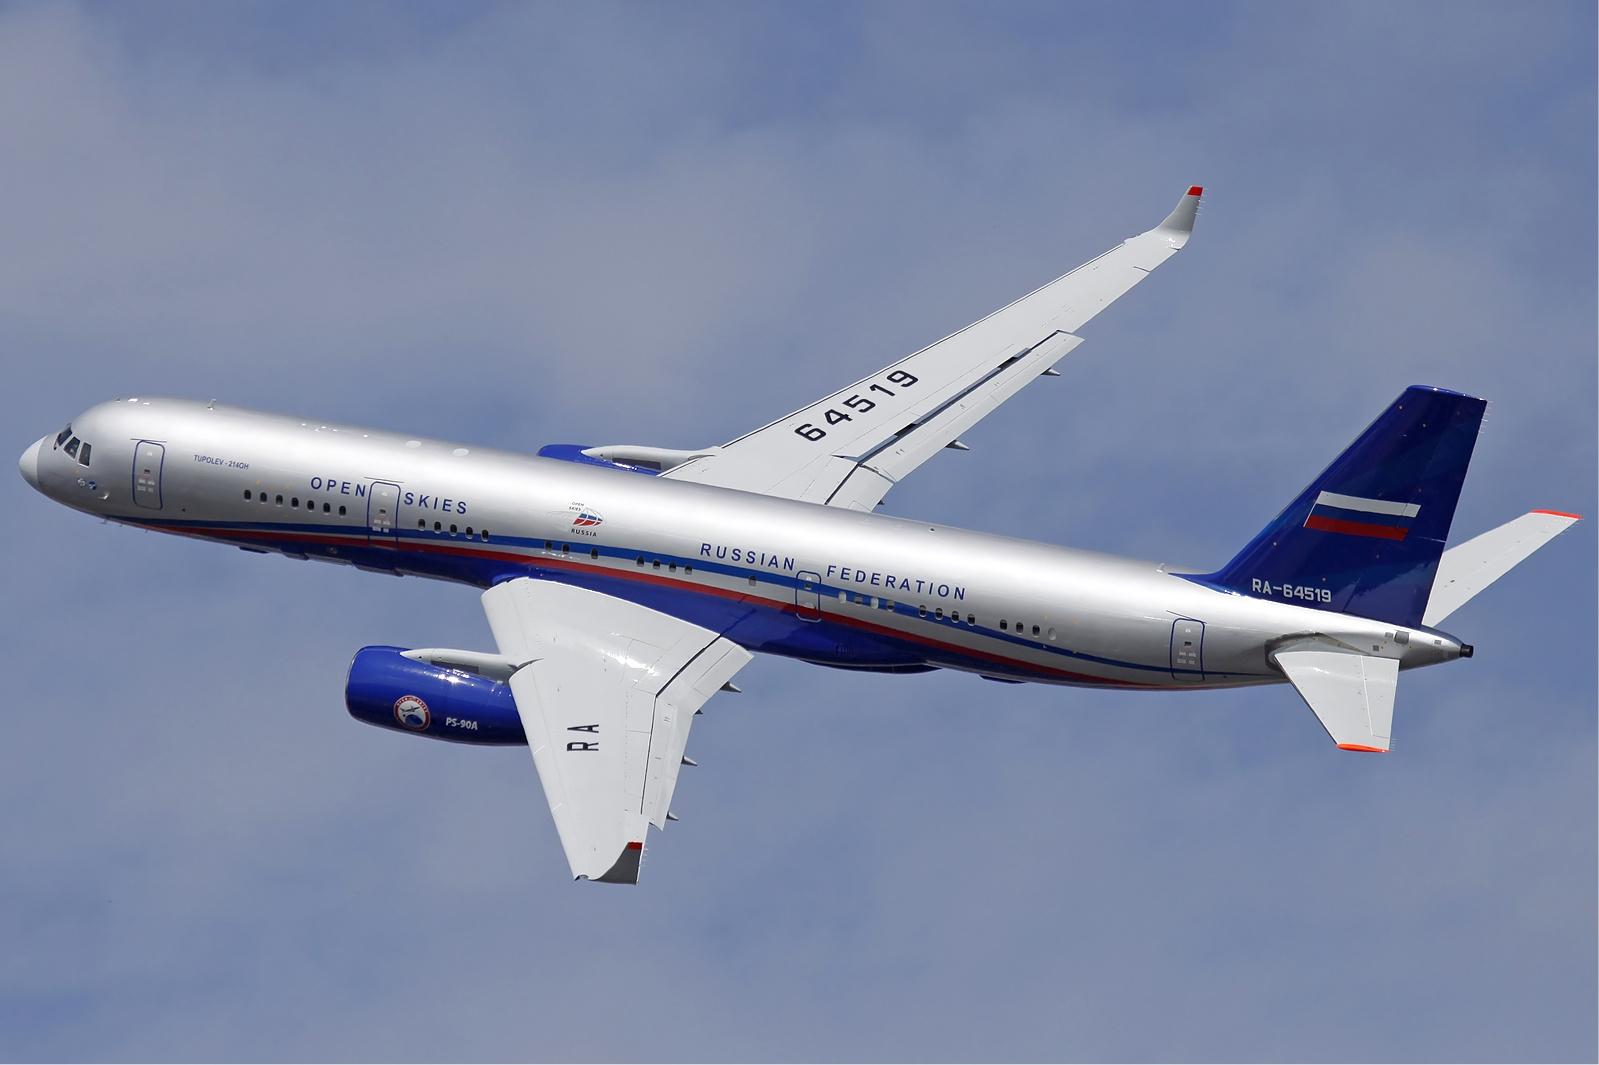 Trump többé nem hagyná, hogy orosz felderítőgépek szabadon repkedjenek az USA felett